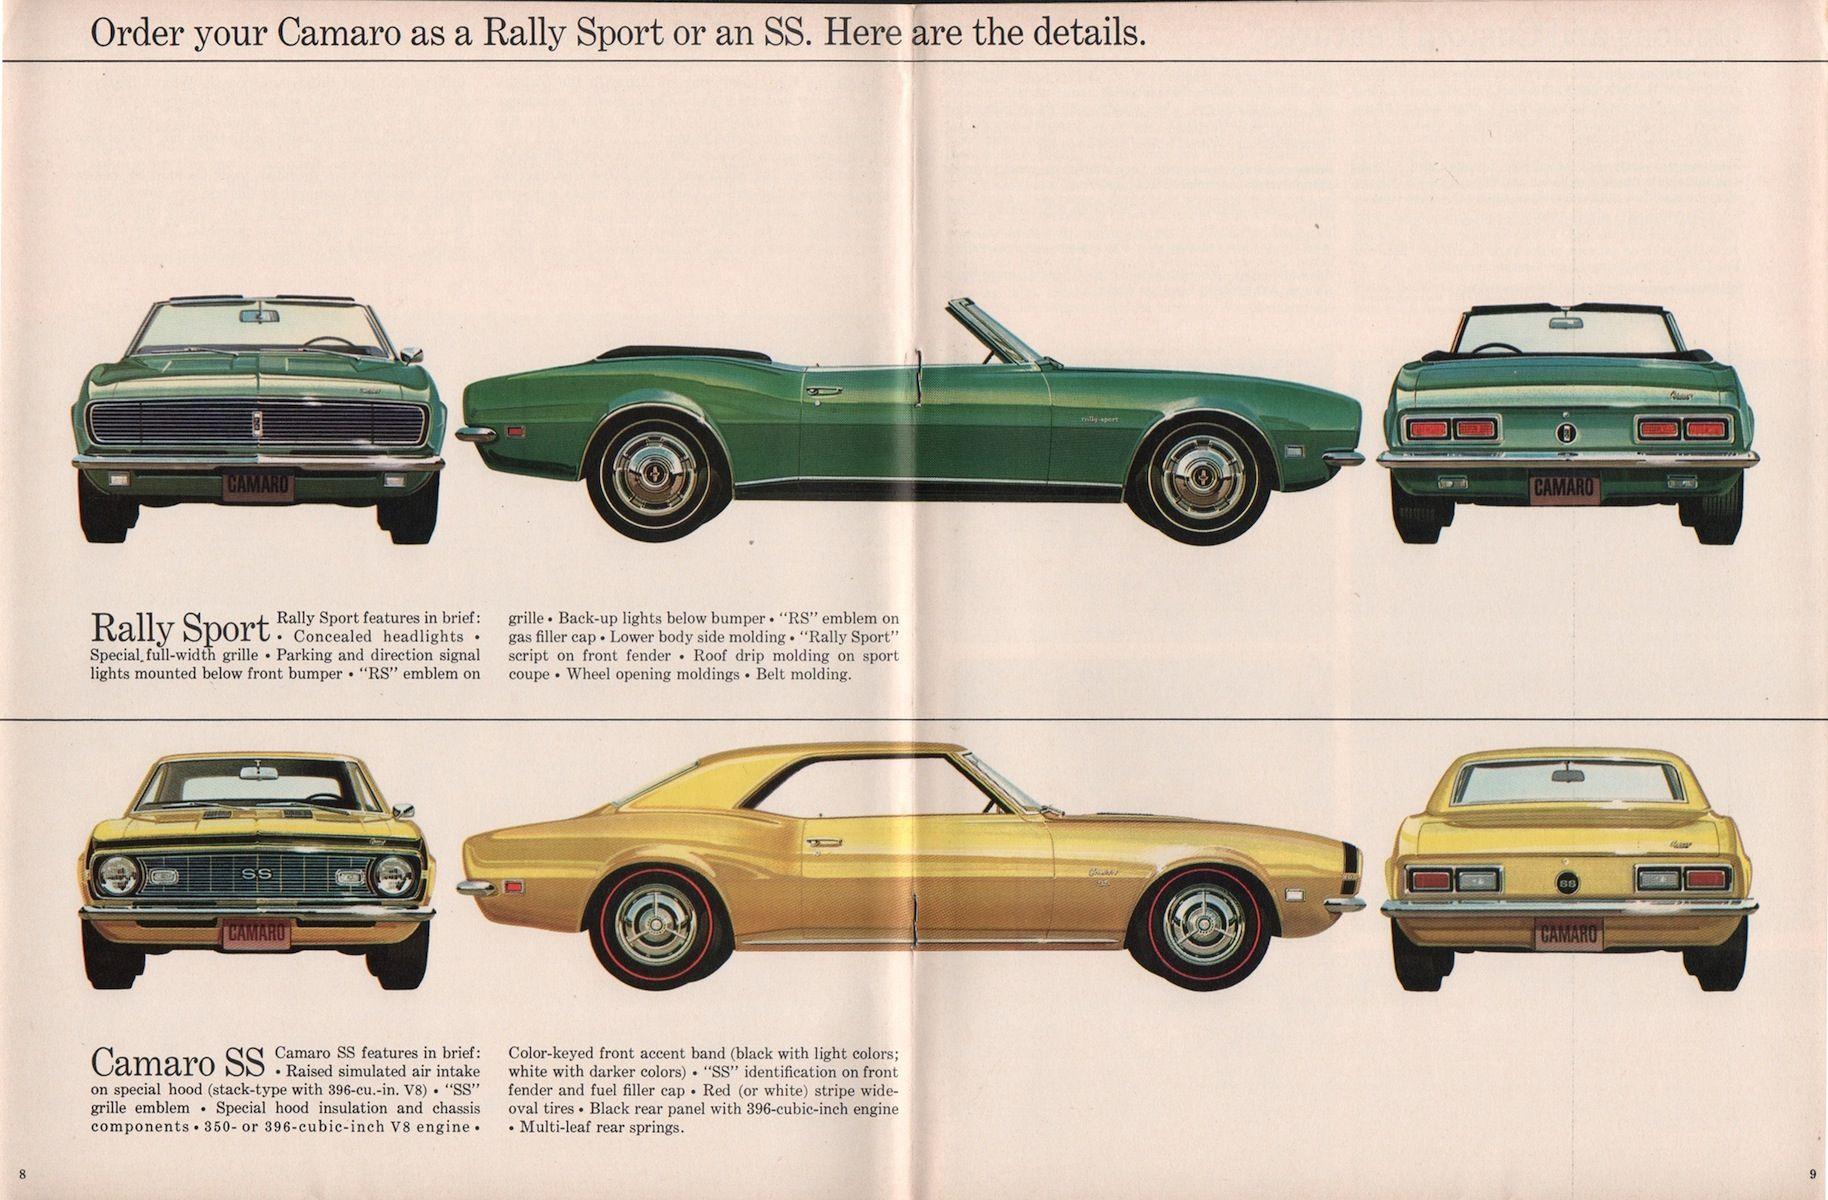 Gm 1968 Chevrolet Camaro Sales Brochure Chevrolet Camaro Camaro Chevrolet